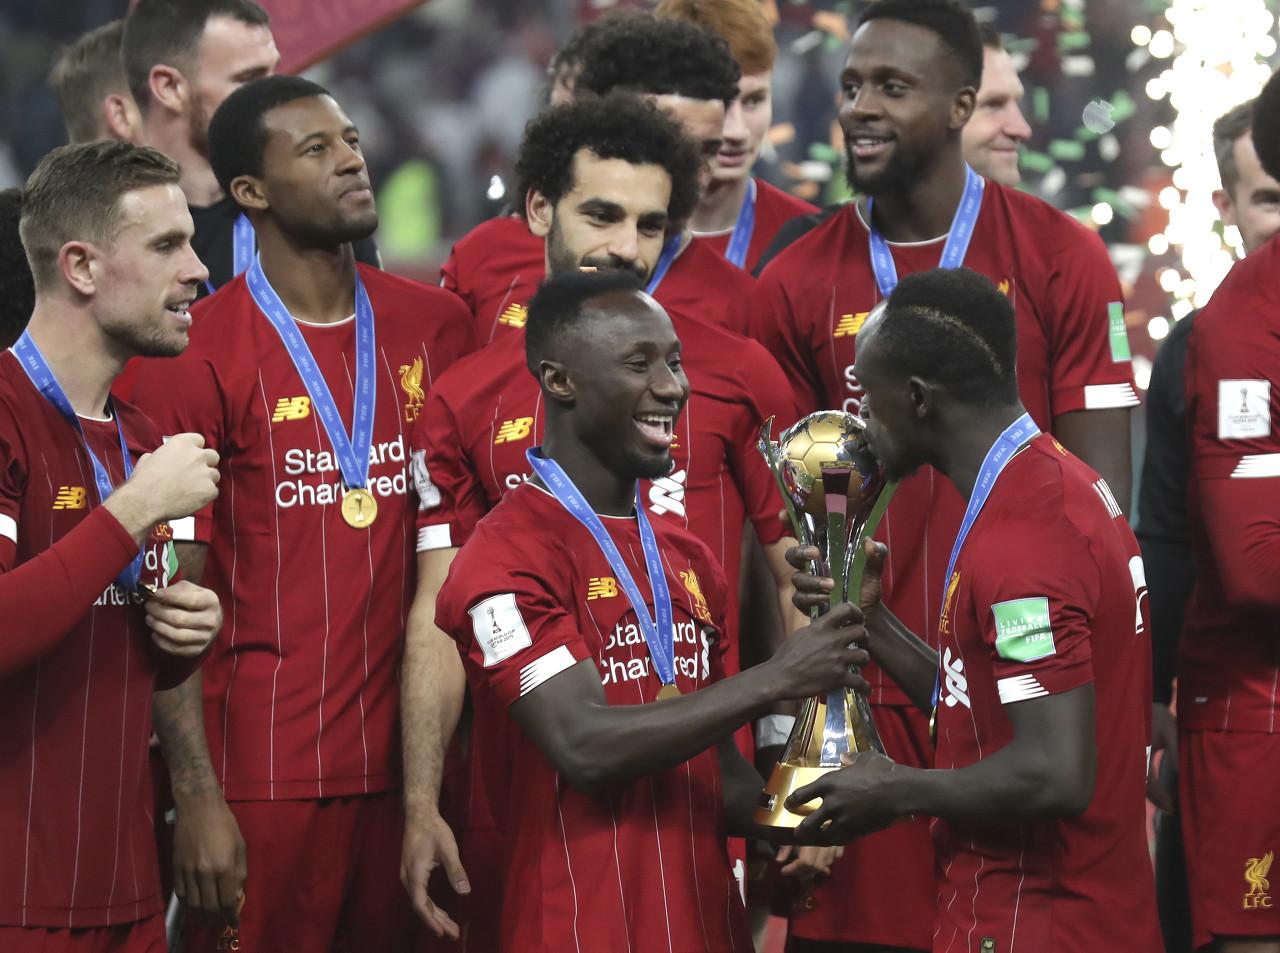 澎湃:中国世俱杯最早或许要等到2023年才能举办